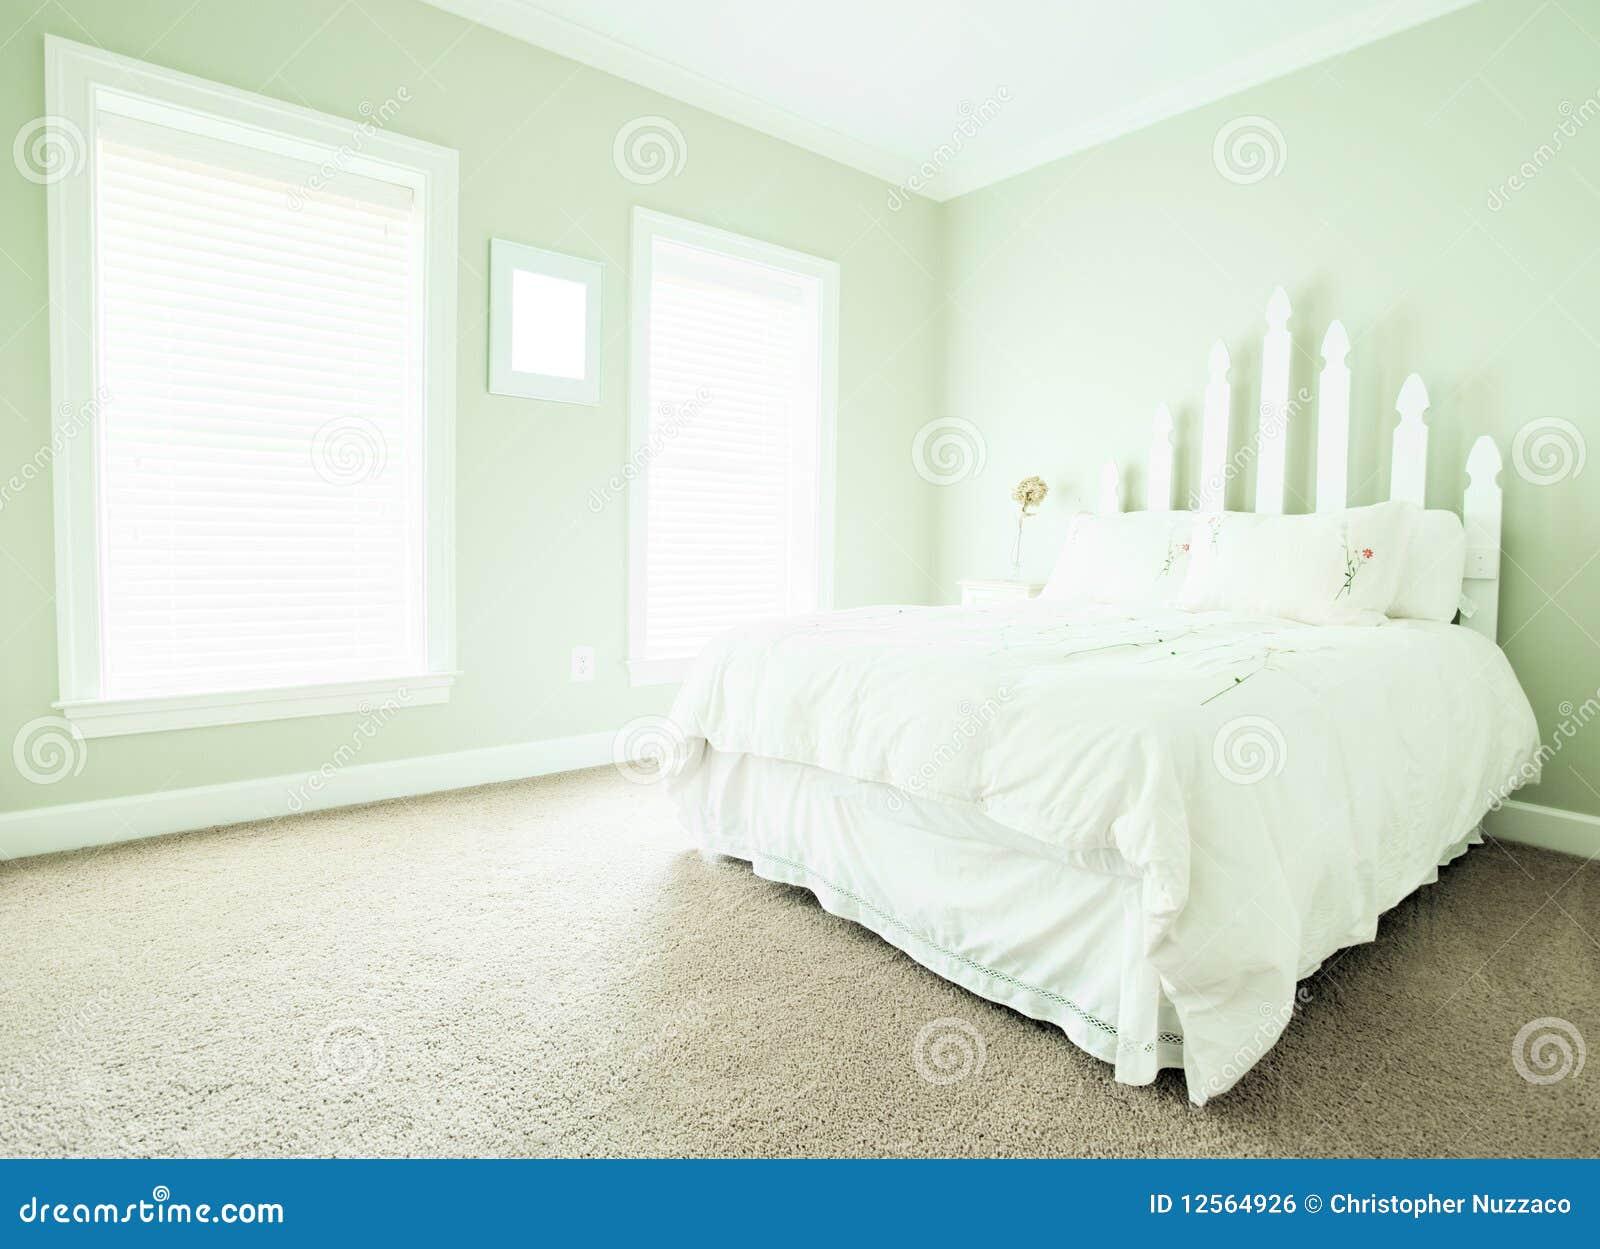 Het binnenland van de slaapkamer van de pastelkleur stock foto afbeelding 12564926 - Foto van volwassen slaapkamer ...